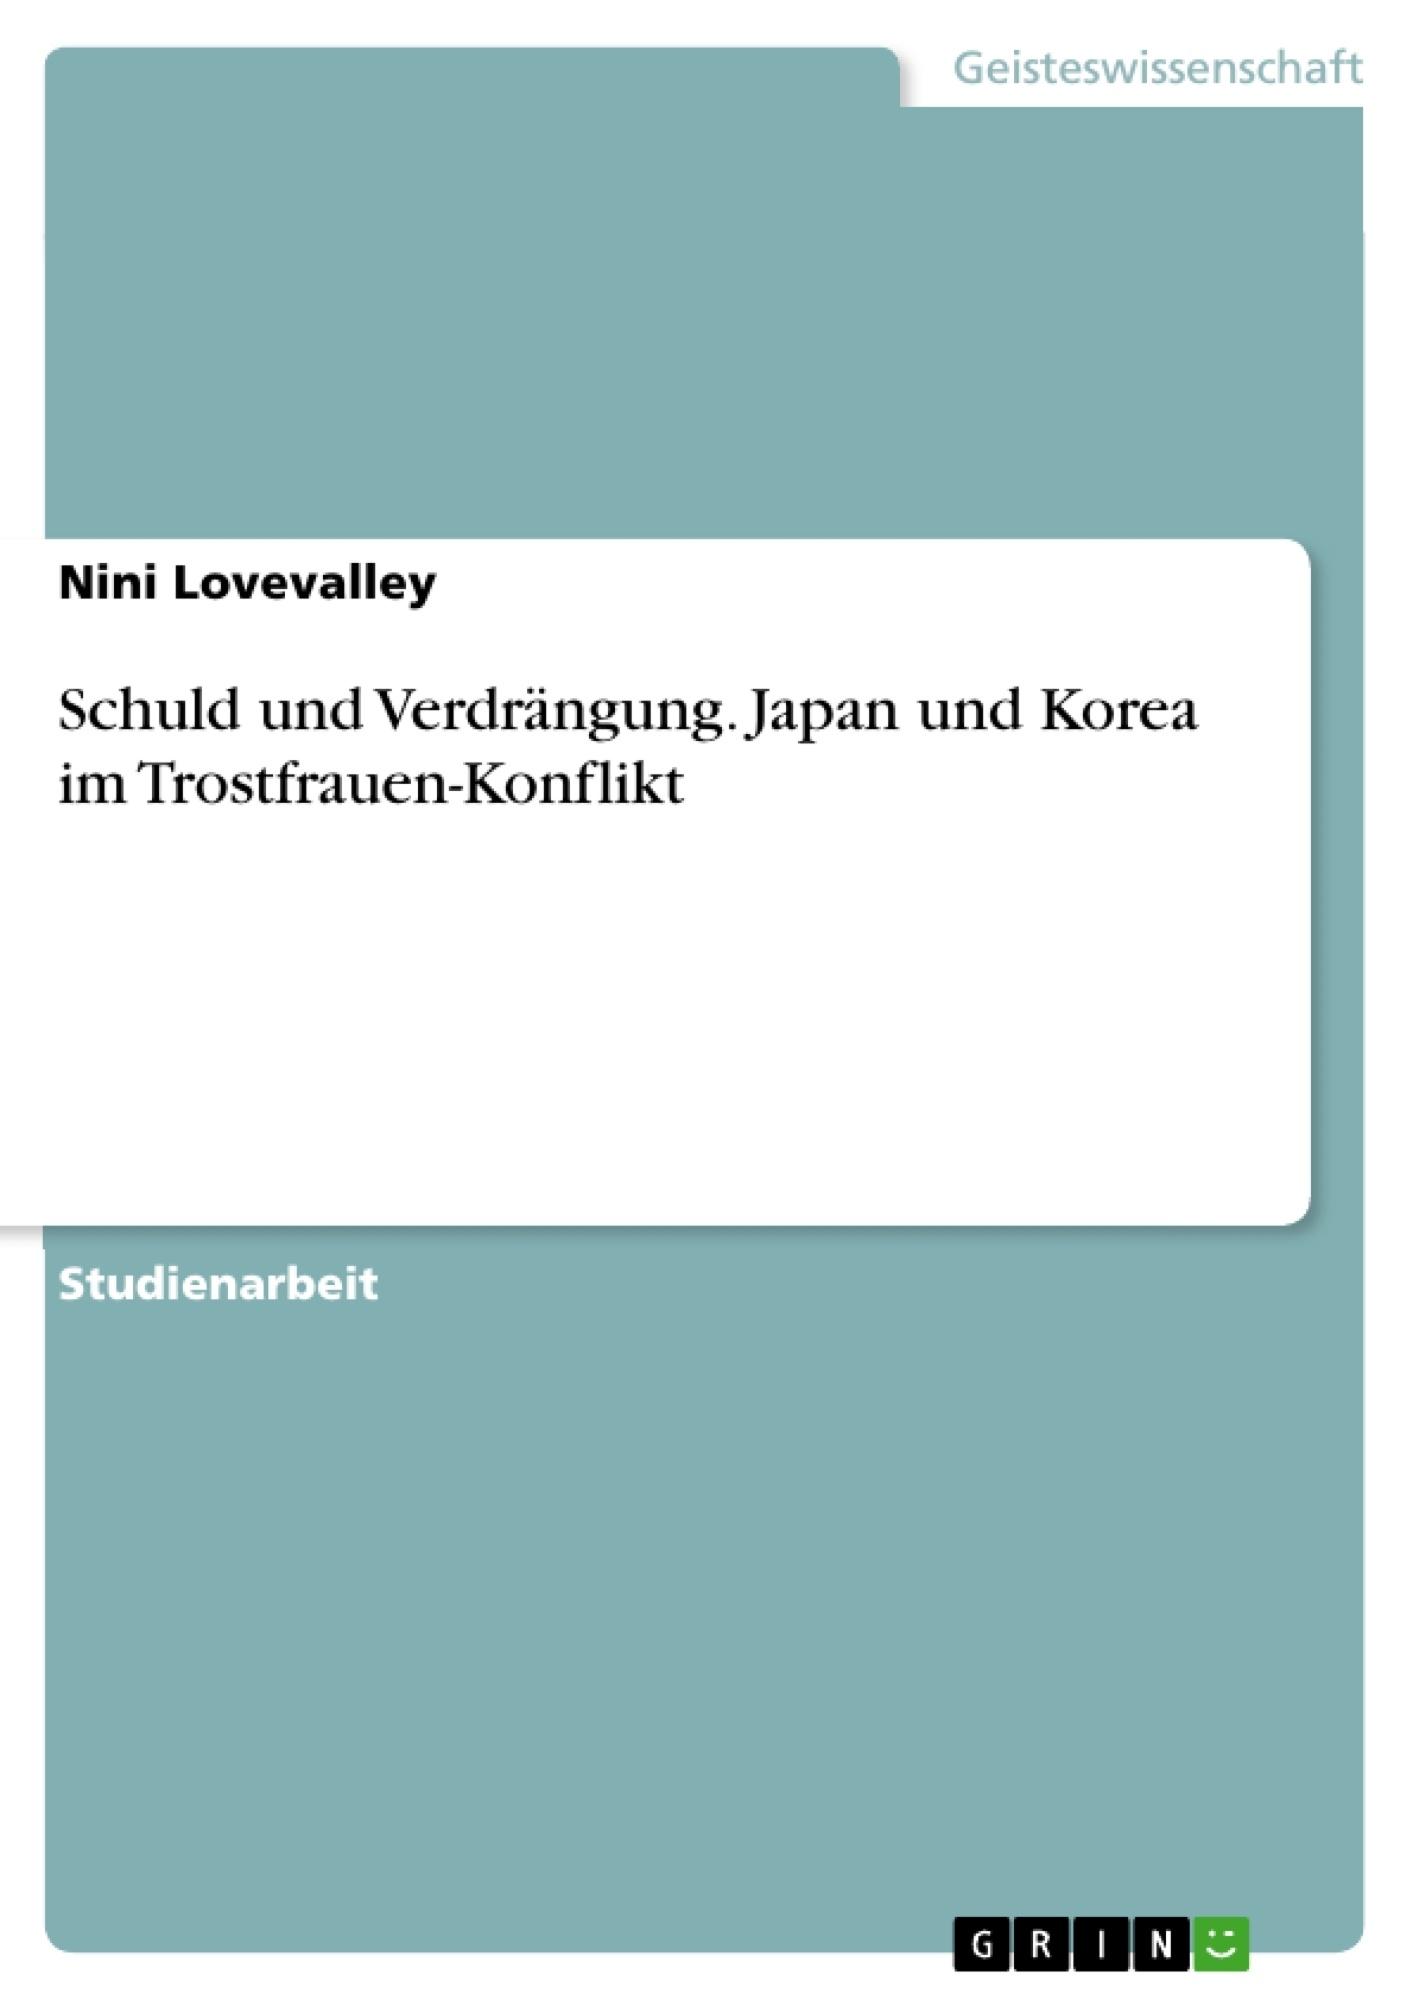 Titel: Schuld und Verdrängung. Japan und Korea im Trostfrauen-Konflikt